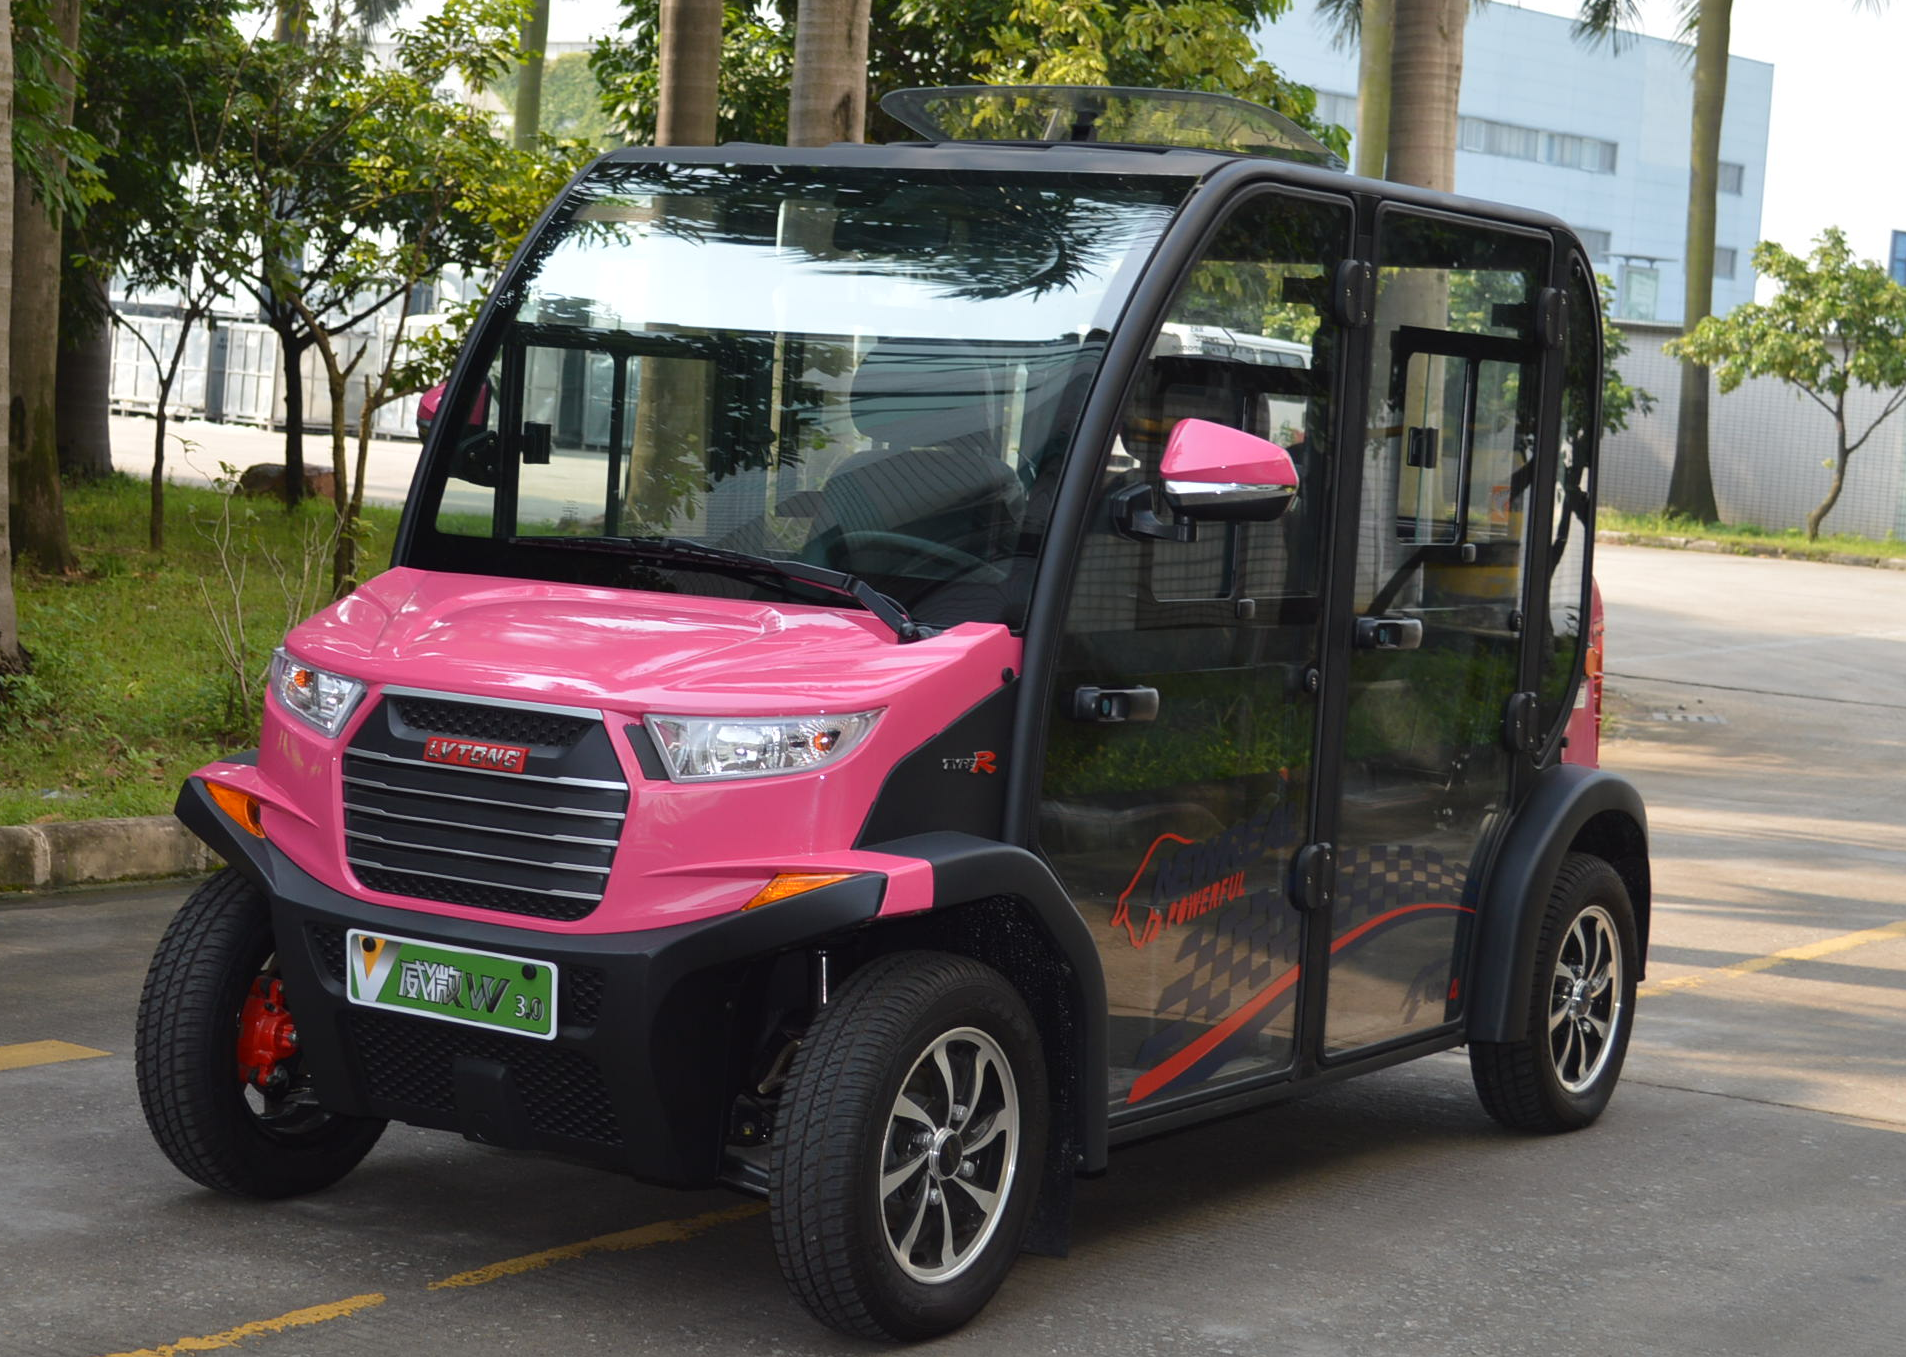 重庆厂家直销封闭式巡逻代步车,2-4人座规格齐全,可加装空调